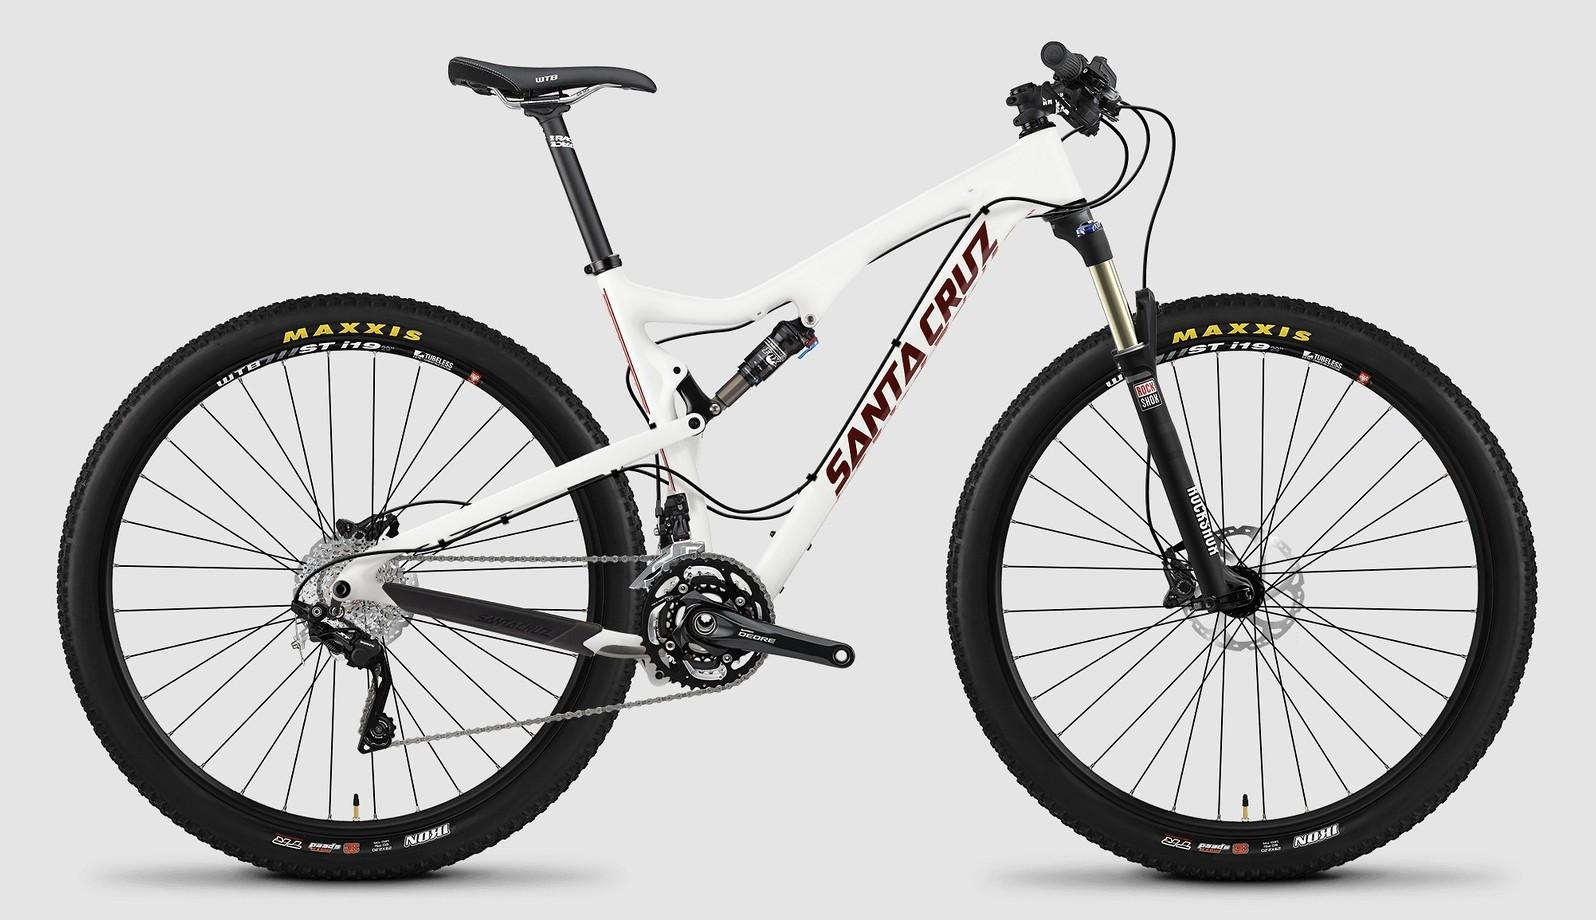 2015 Santa Cruz Tallboy Carbon R bike - white